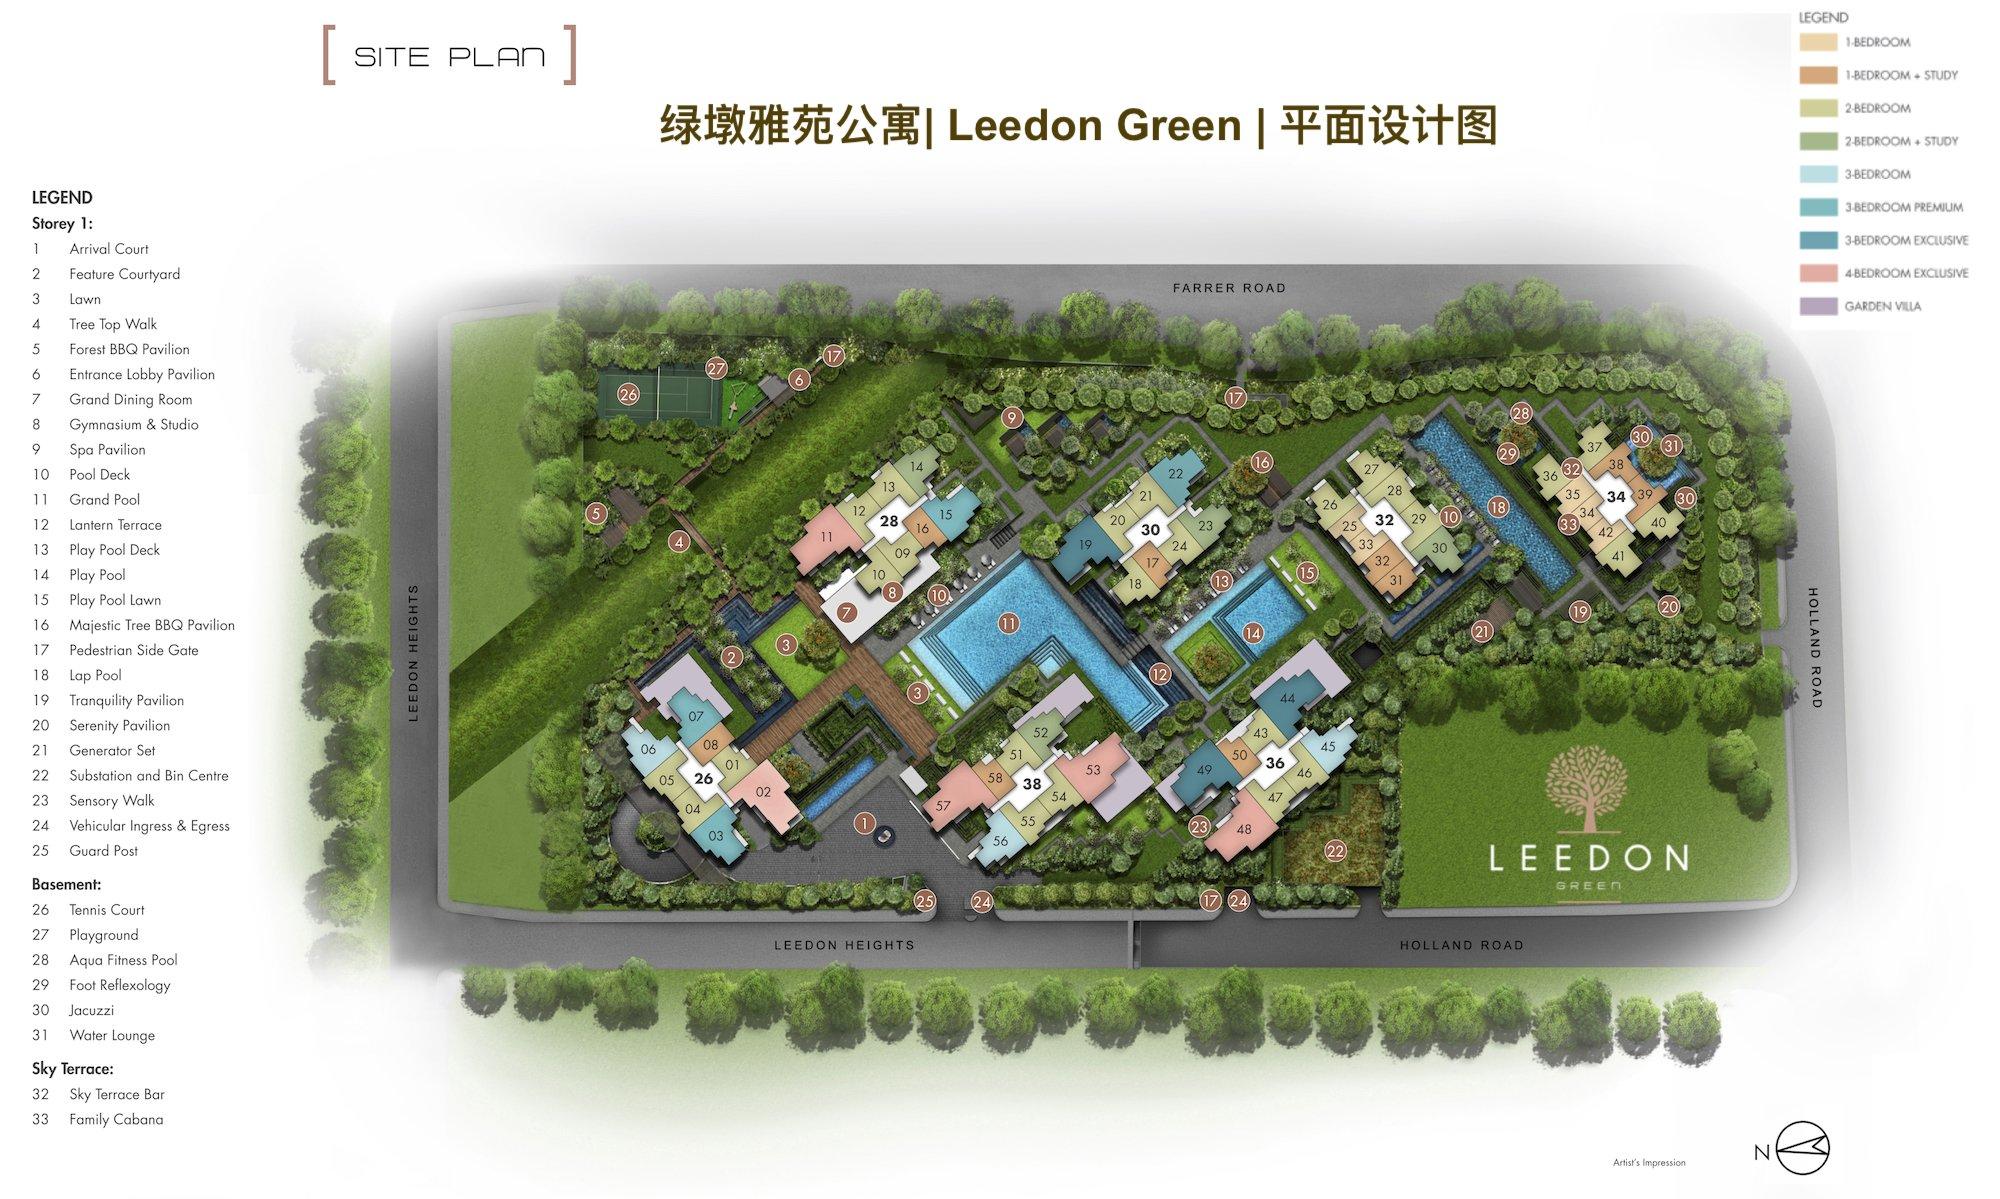 绿墩雅苑公寓平面设计图 Leedon Green site plan with unit mix